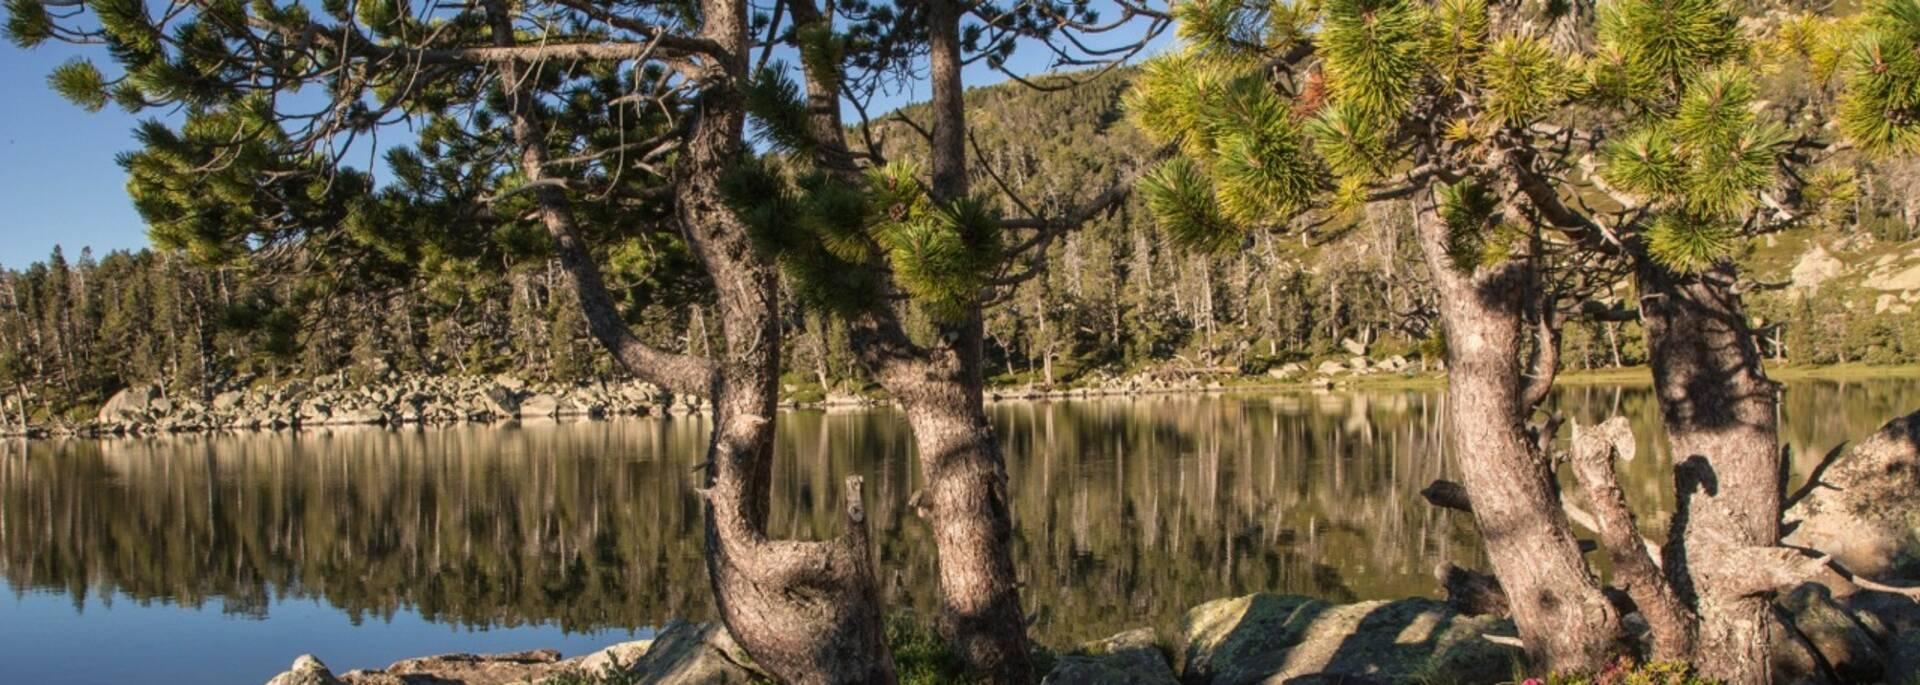 Lac Nègre (c) Isabelle Tarlton